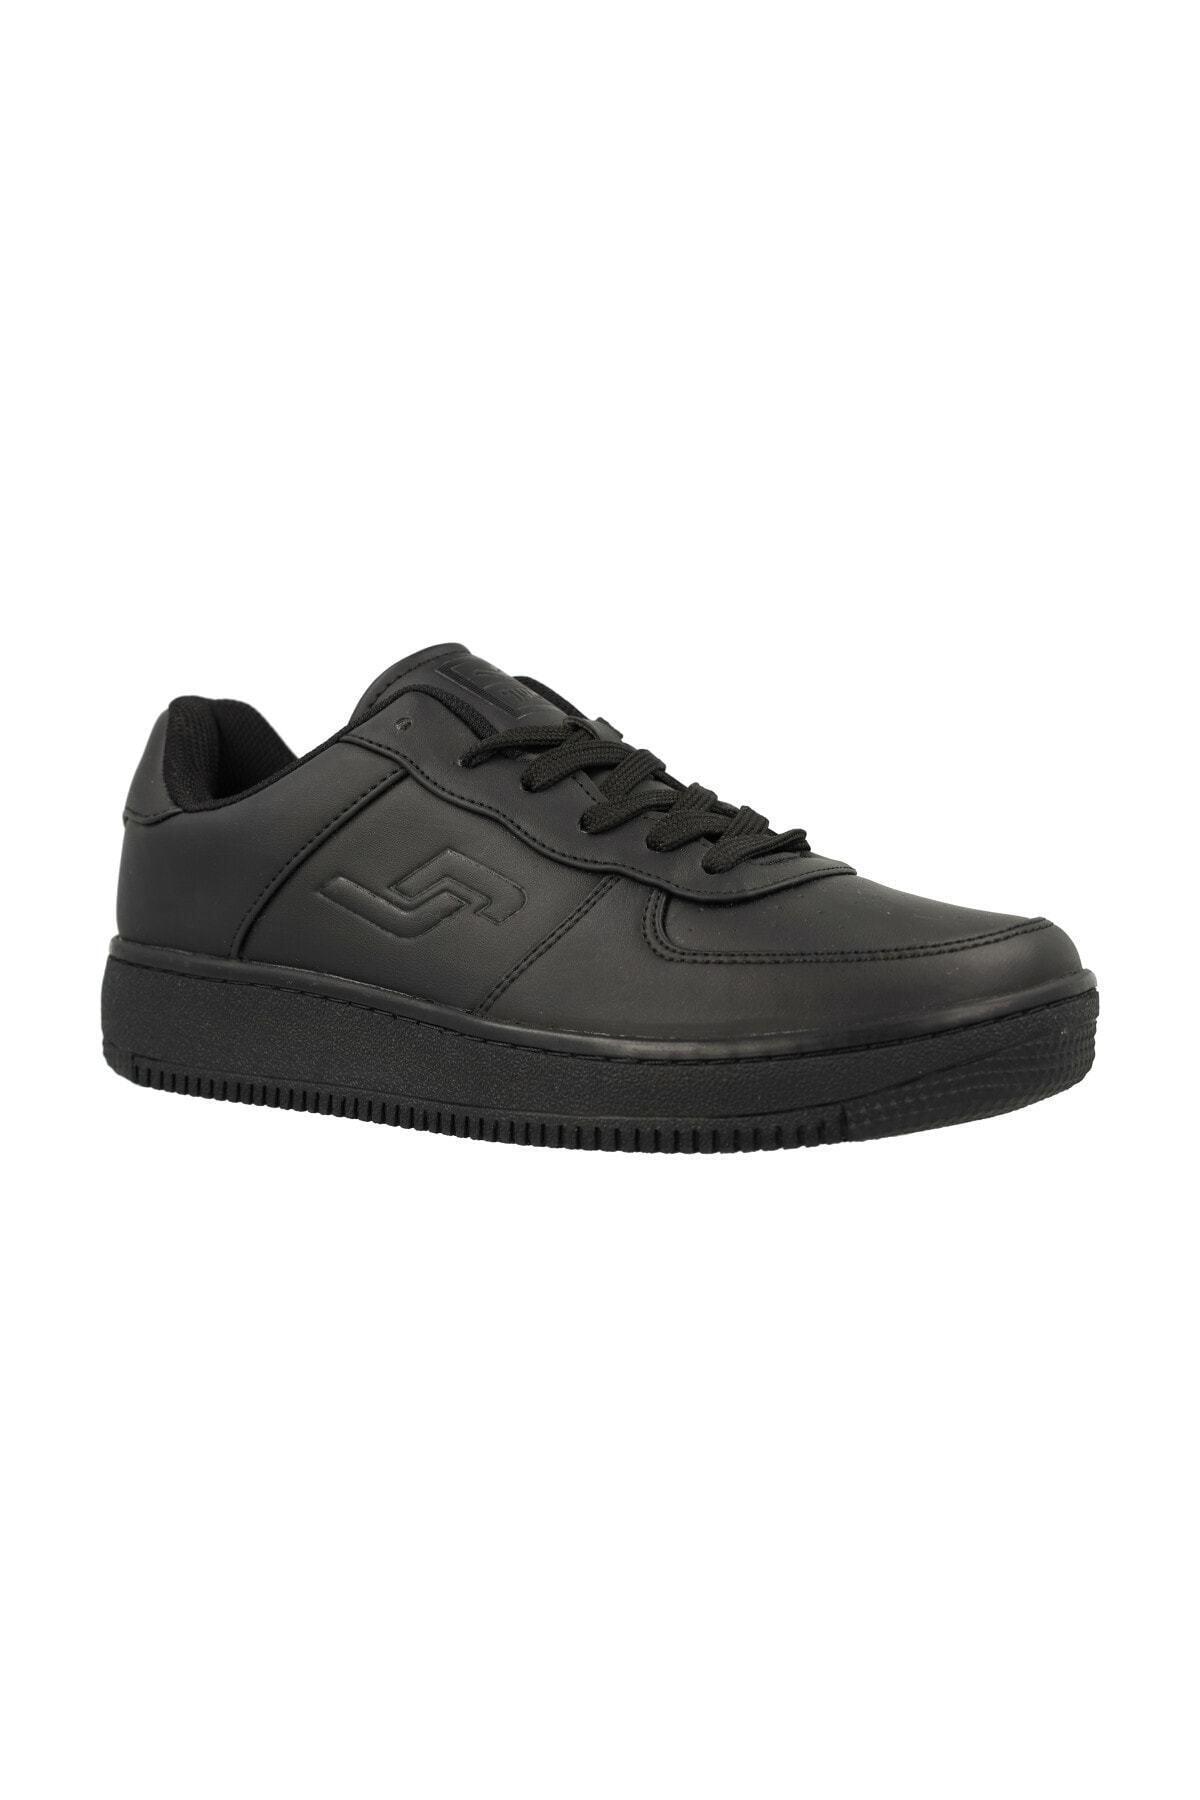 Jump Siyah Unisex Ayakkabı 1